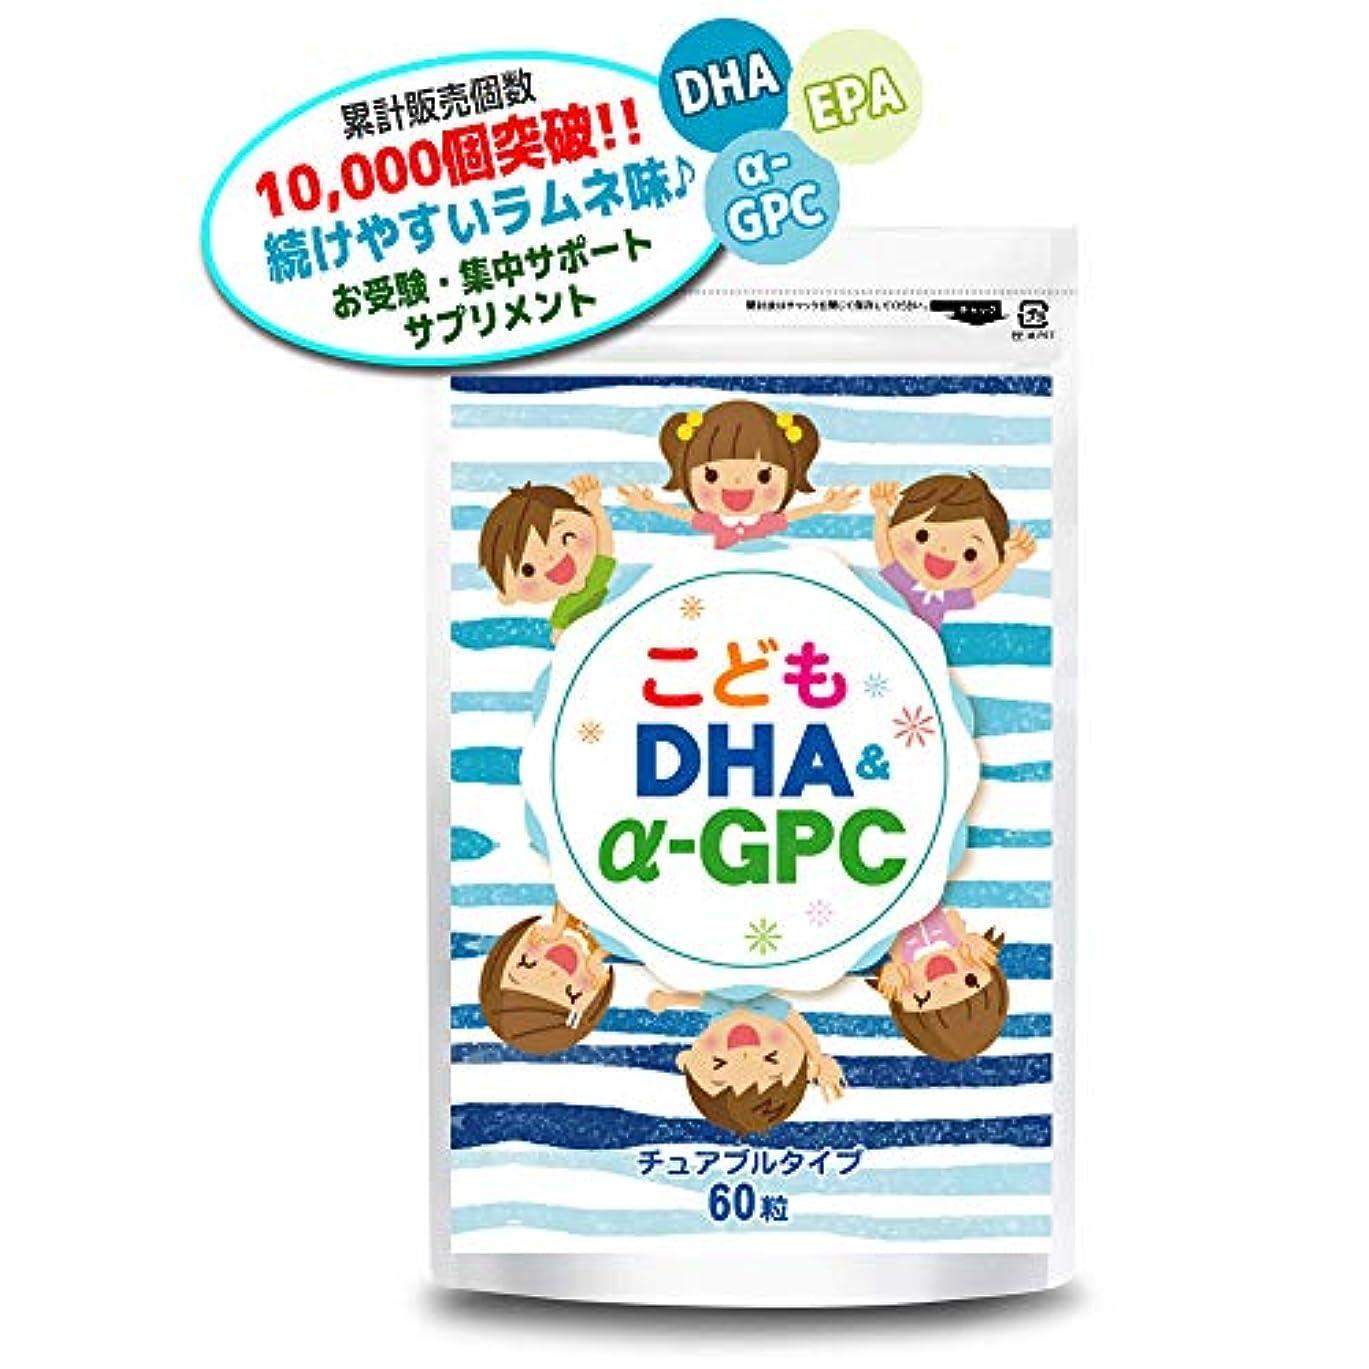 アッティカスサスペンド読むこども DHA&α-GPC DHA EPA α-GPC ホスファチジルセリン 配合 【集中?学習特化型サプリメント】 60粒約30日分